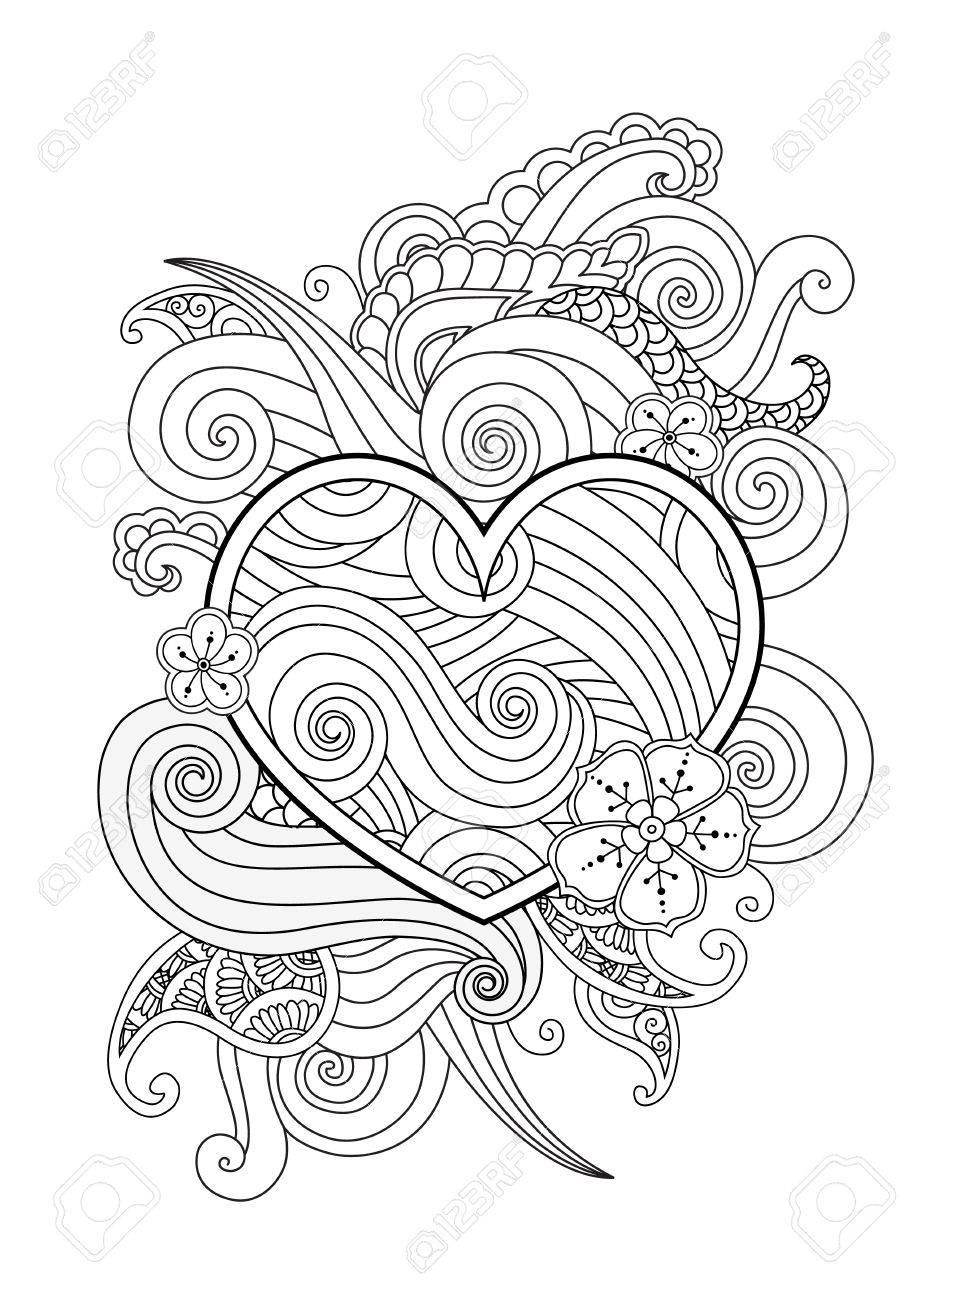 Dibujo Para Colorear Con El Corazon Y El Elemento Abstracto Aislado